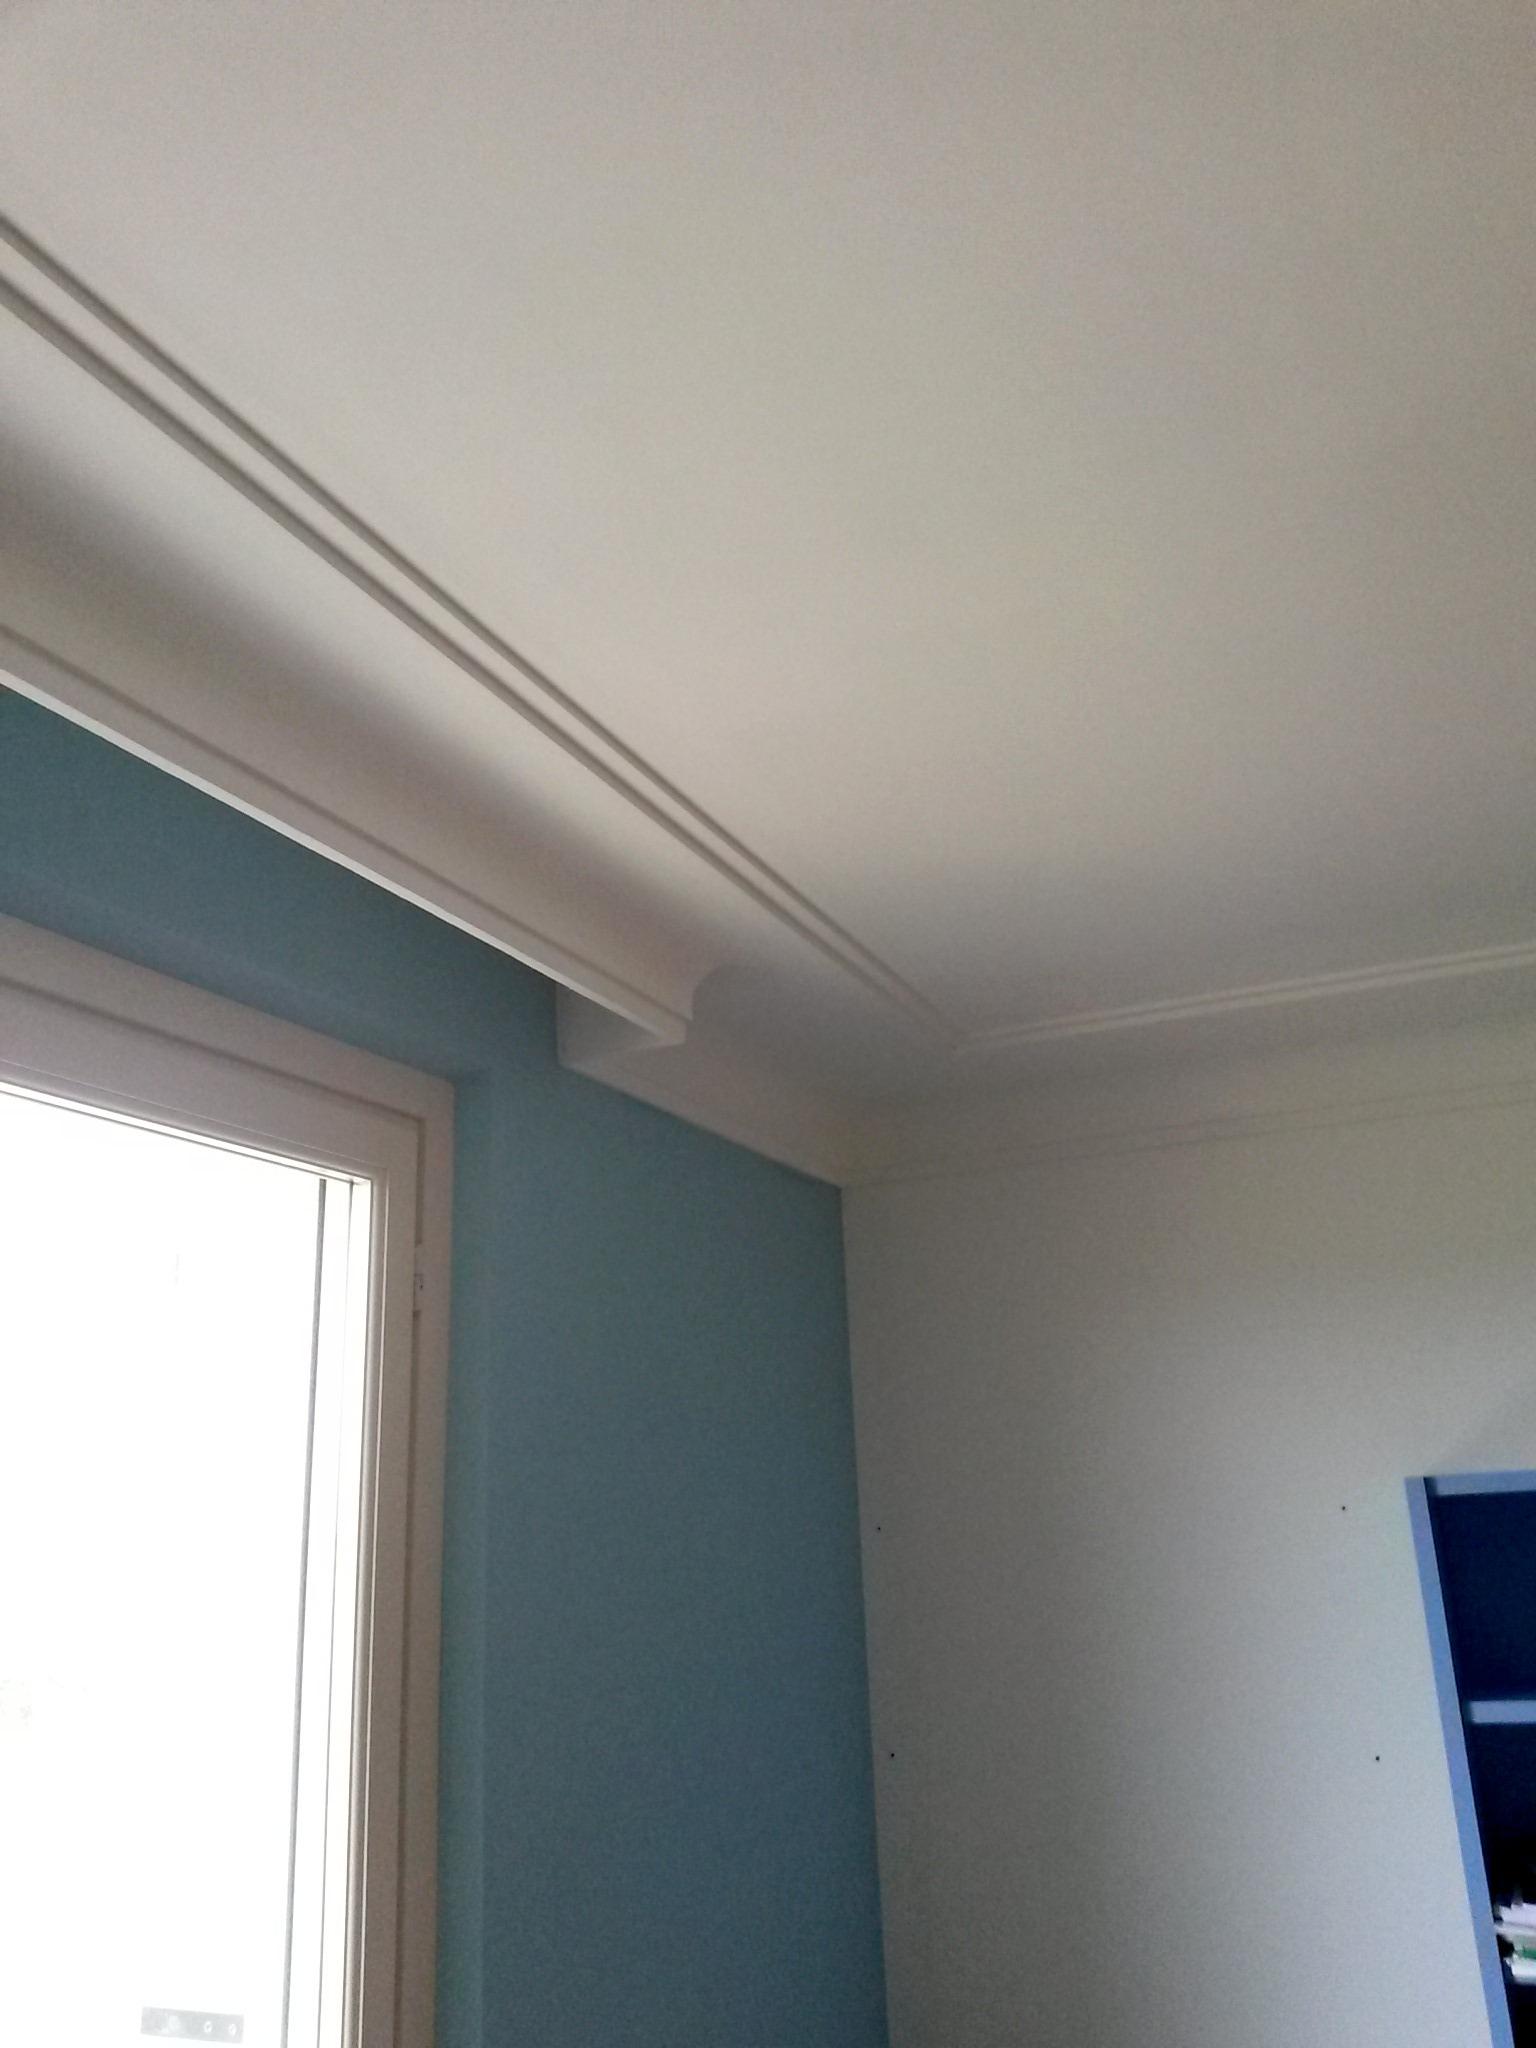 Cornici Soffitto Gesso : Cornici in gesso a decorazione per interno by ...